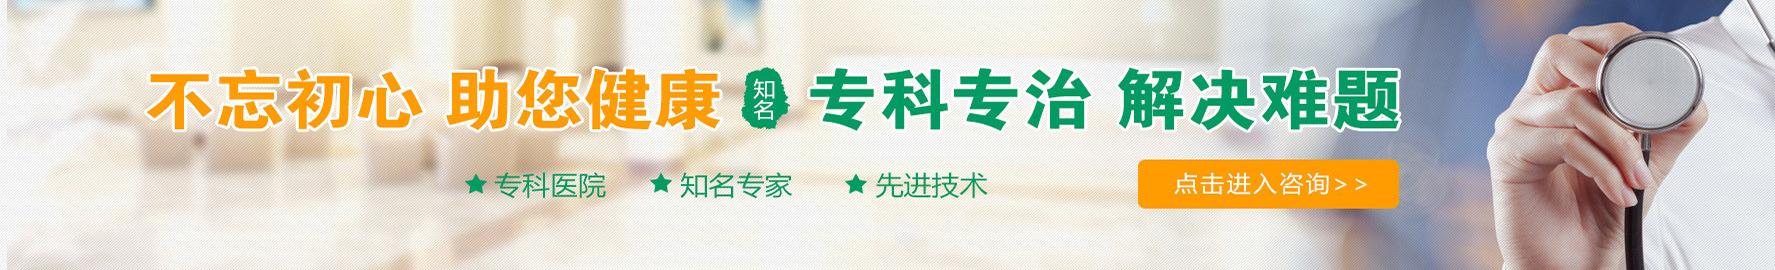 咸阳男科医院